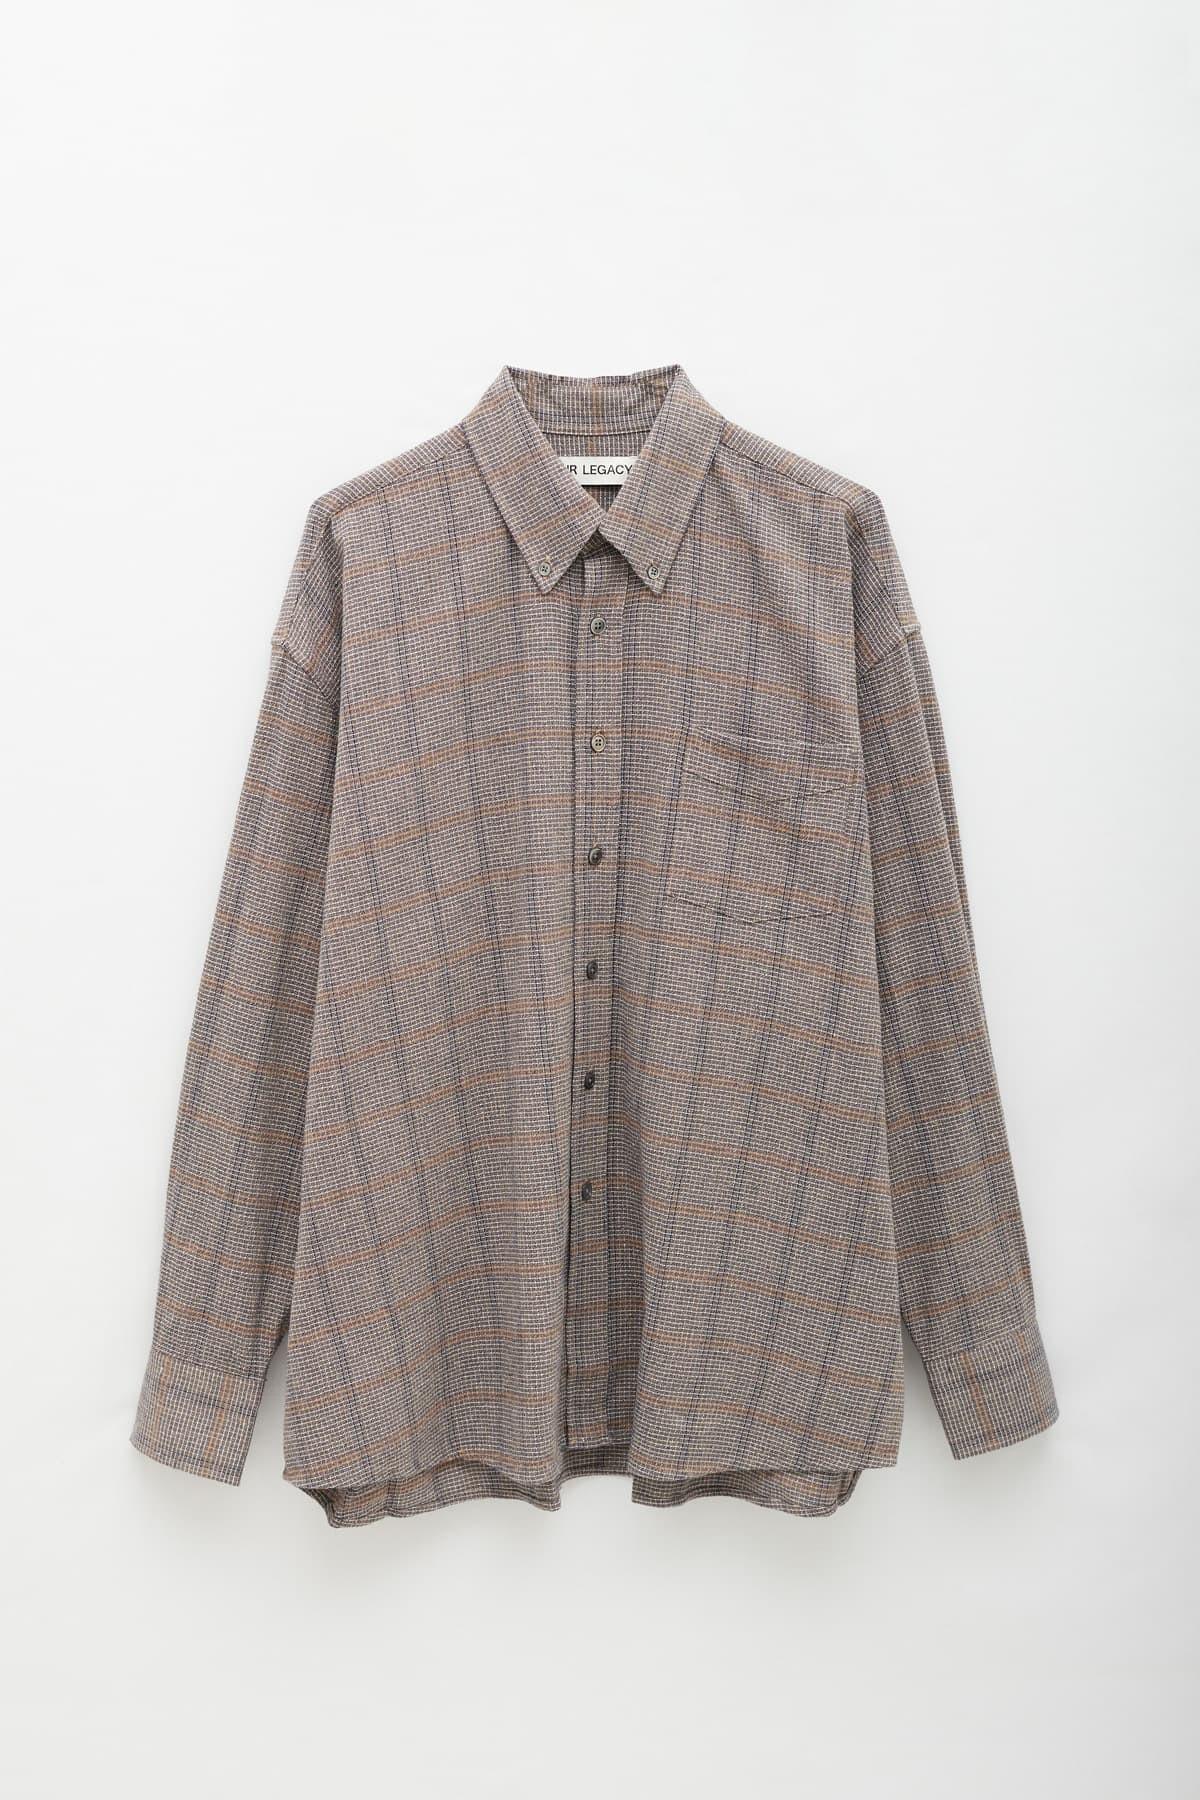 Comprar Acne Studios Black Face SWEA000088 Sweatshirt